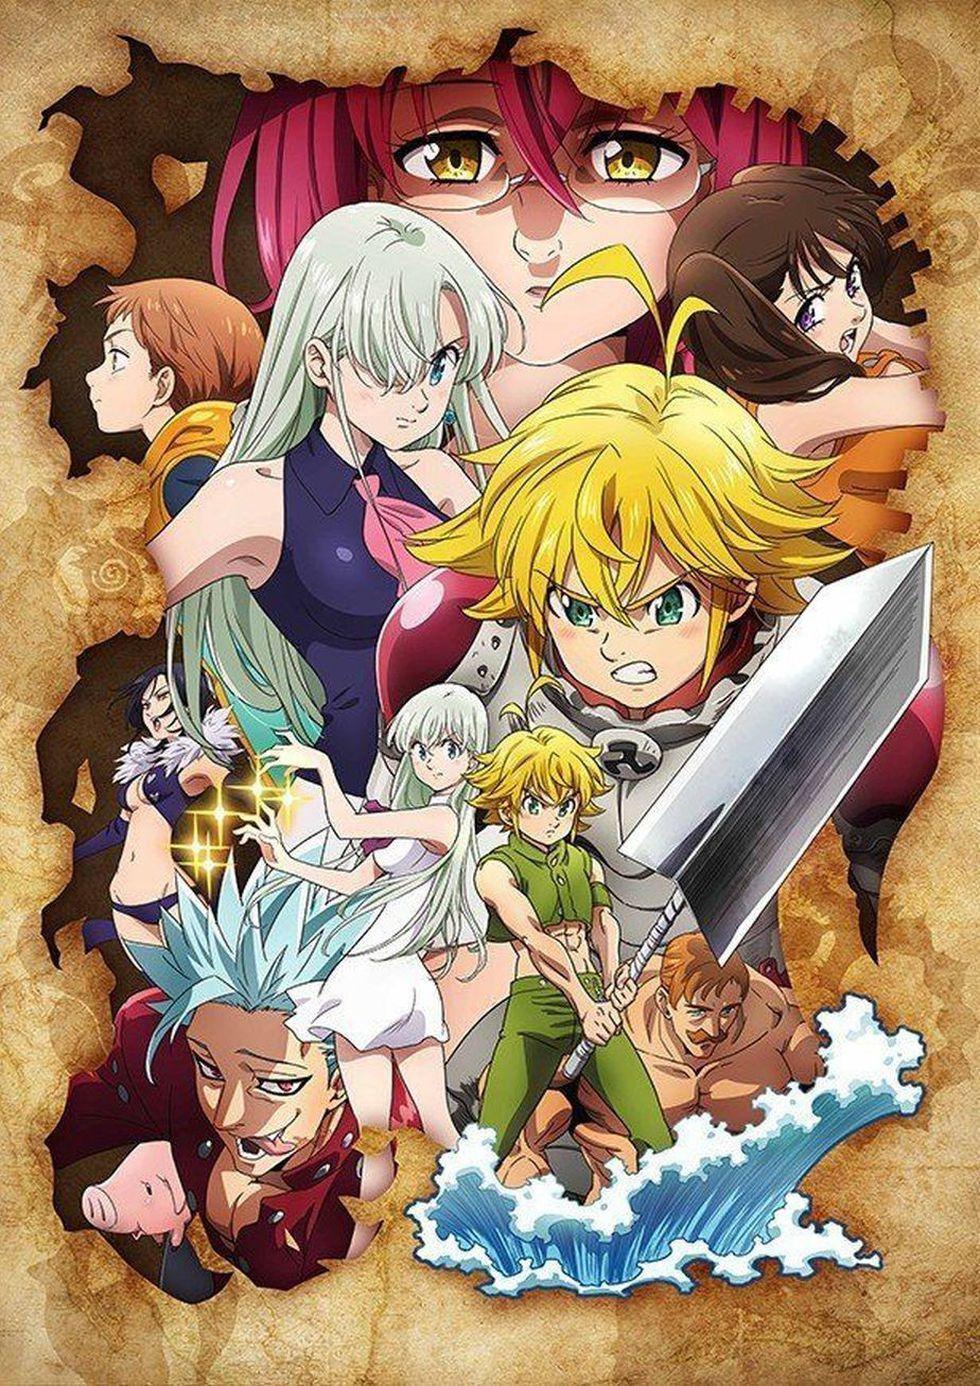 Los 7 Pecados Capitales Temporada 4 Seven Deadly Sins Anime Anime Anime Wall Art